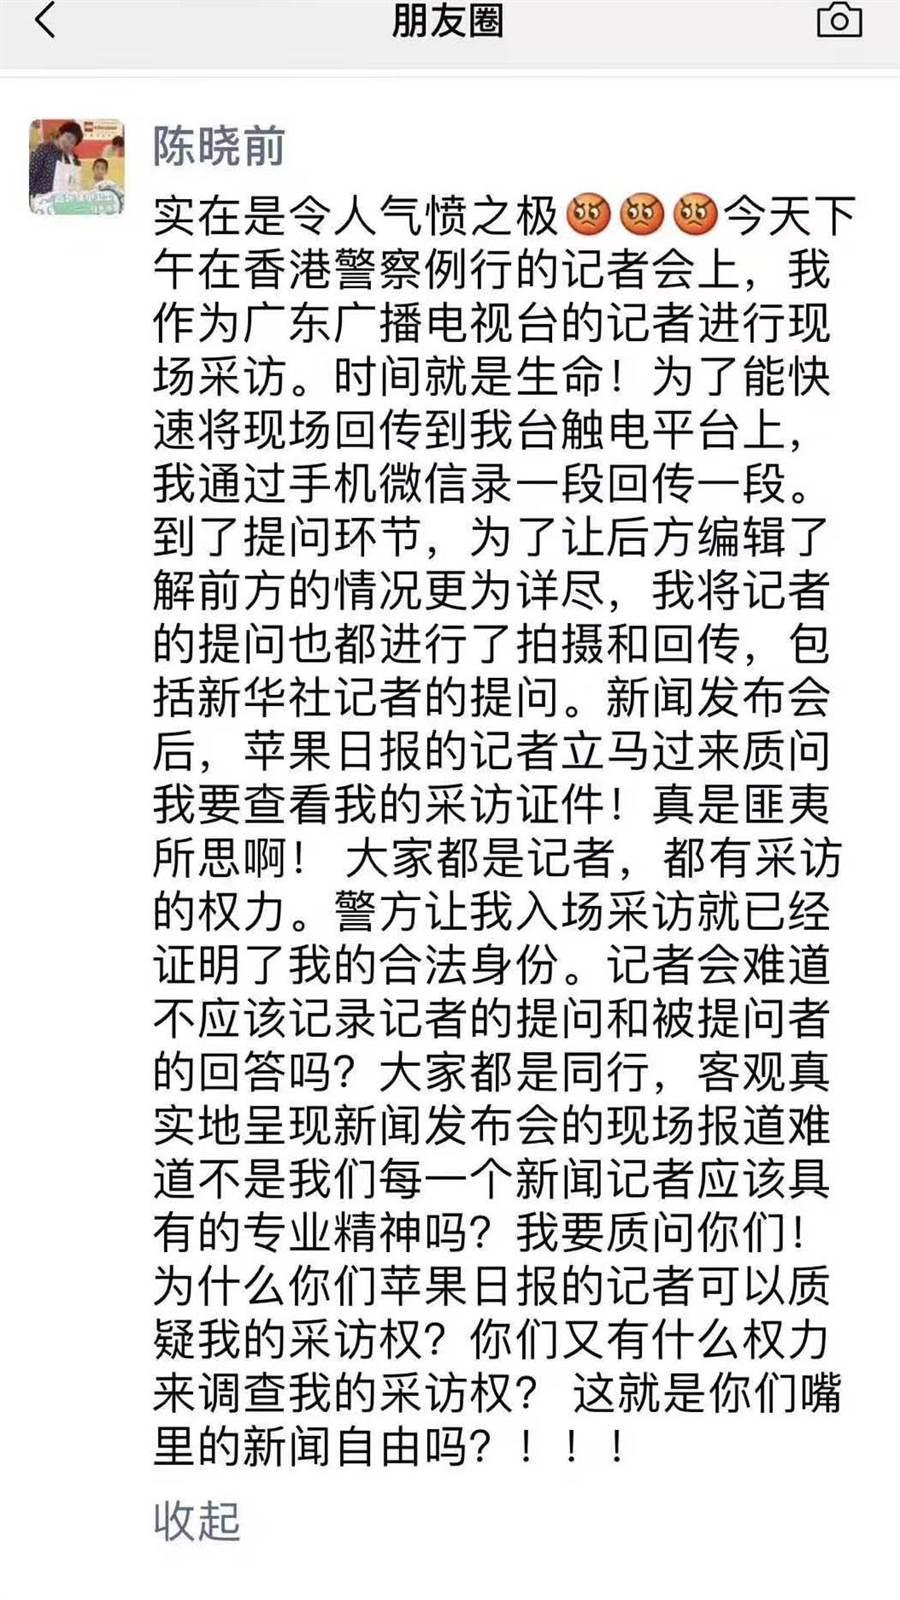 大陸廣東電視台的駐港記者陳曉前被香港記者包圍刁難,她在微信上大表不滿。